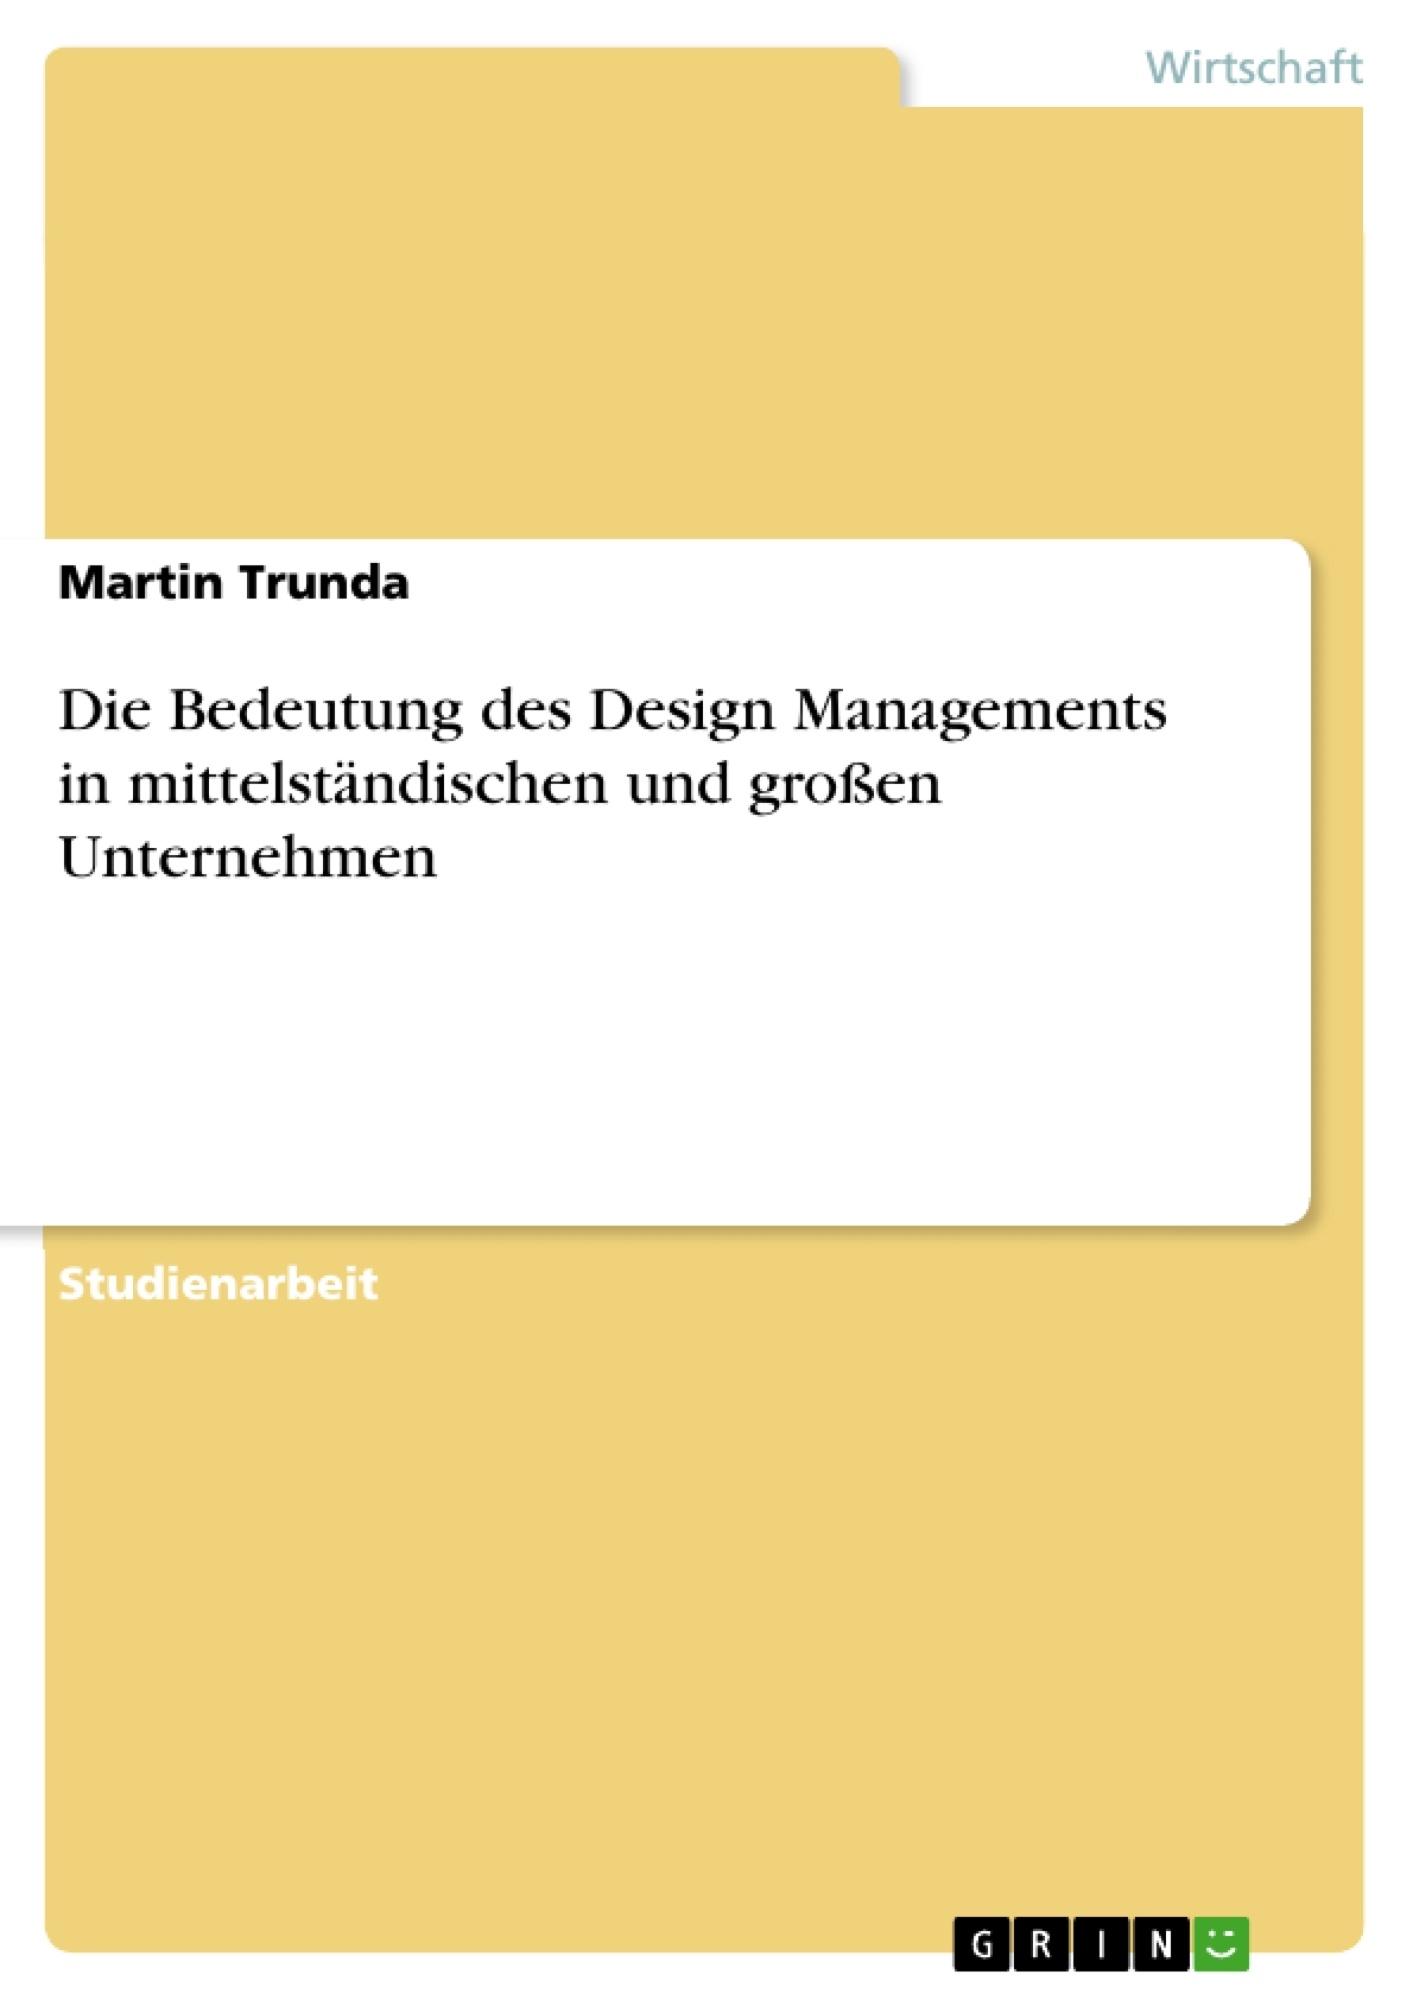 Titel: Die Bedeutung des Design Managements in mittelständischen und großen Unternehmen